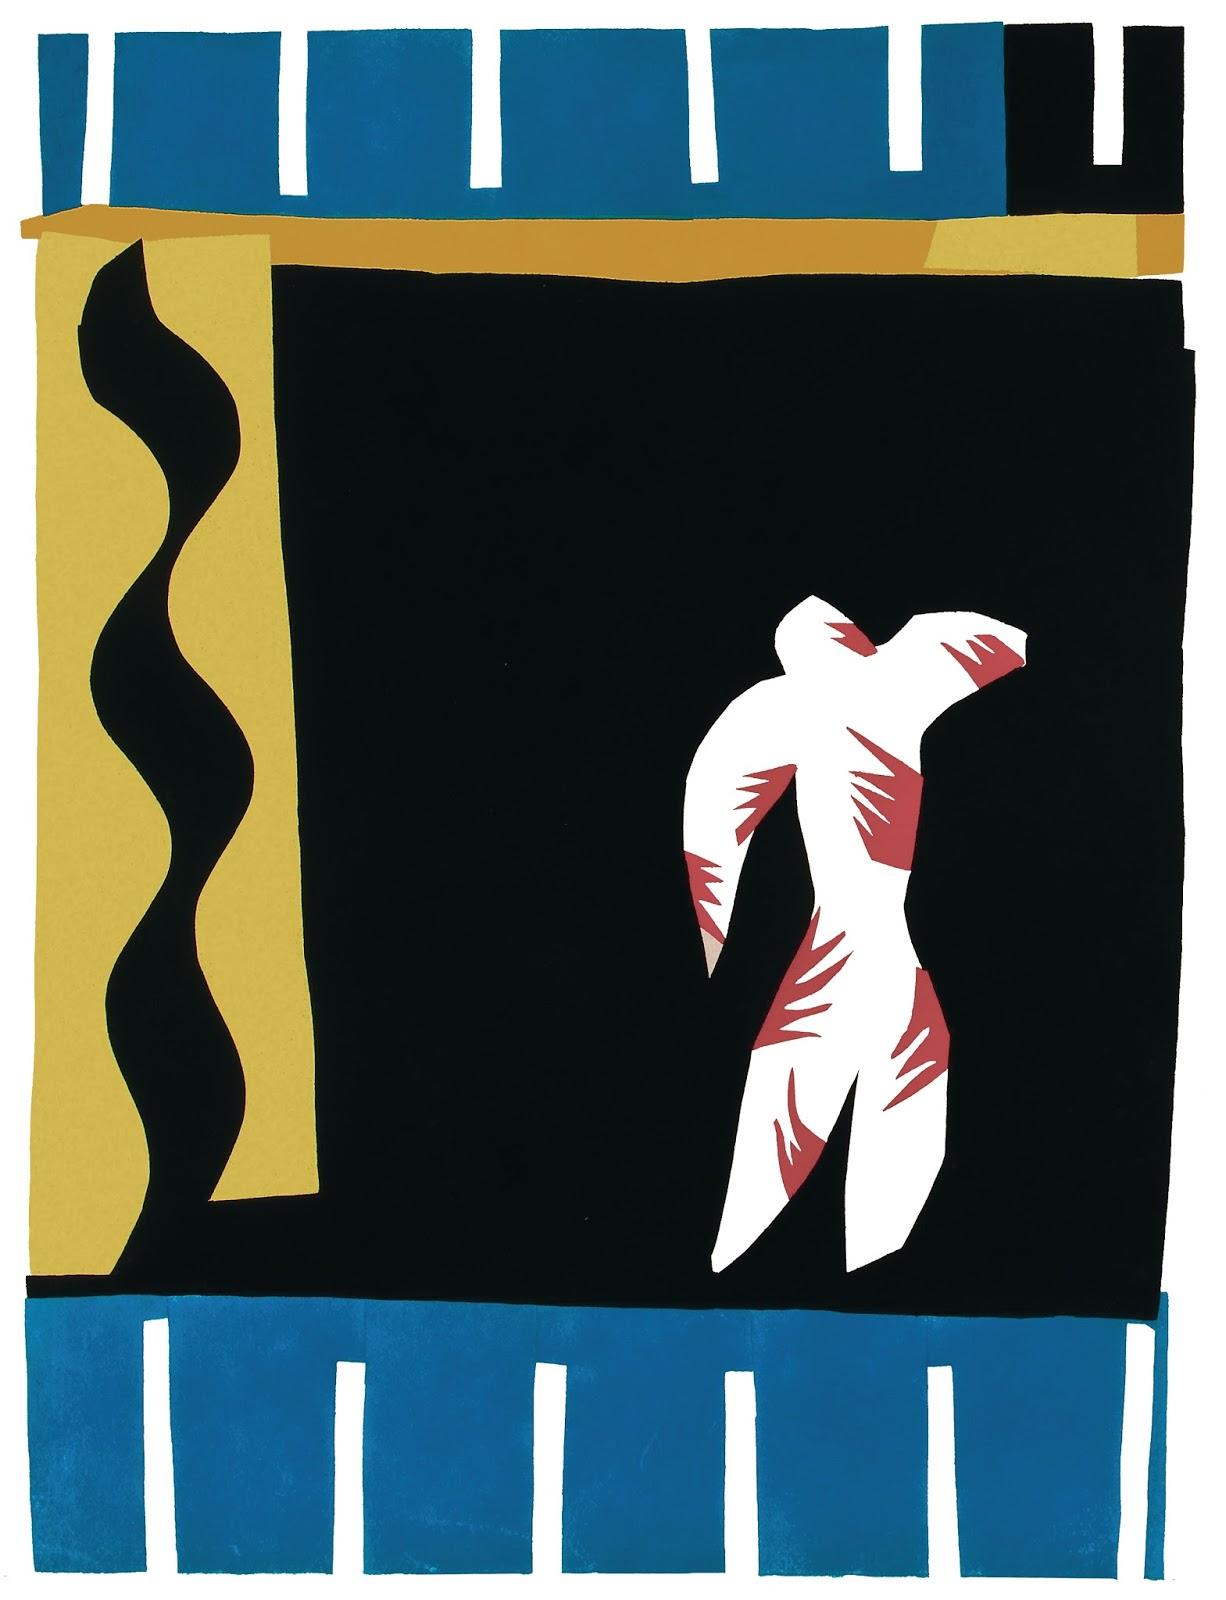 exposição henri matisse jazz na caixa cultural fortaleza em julho